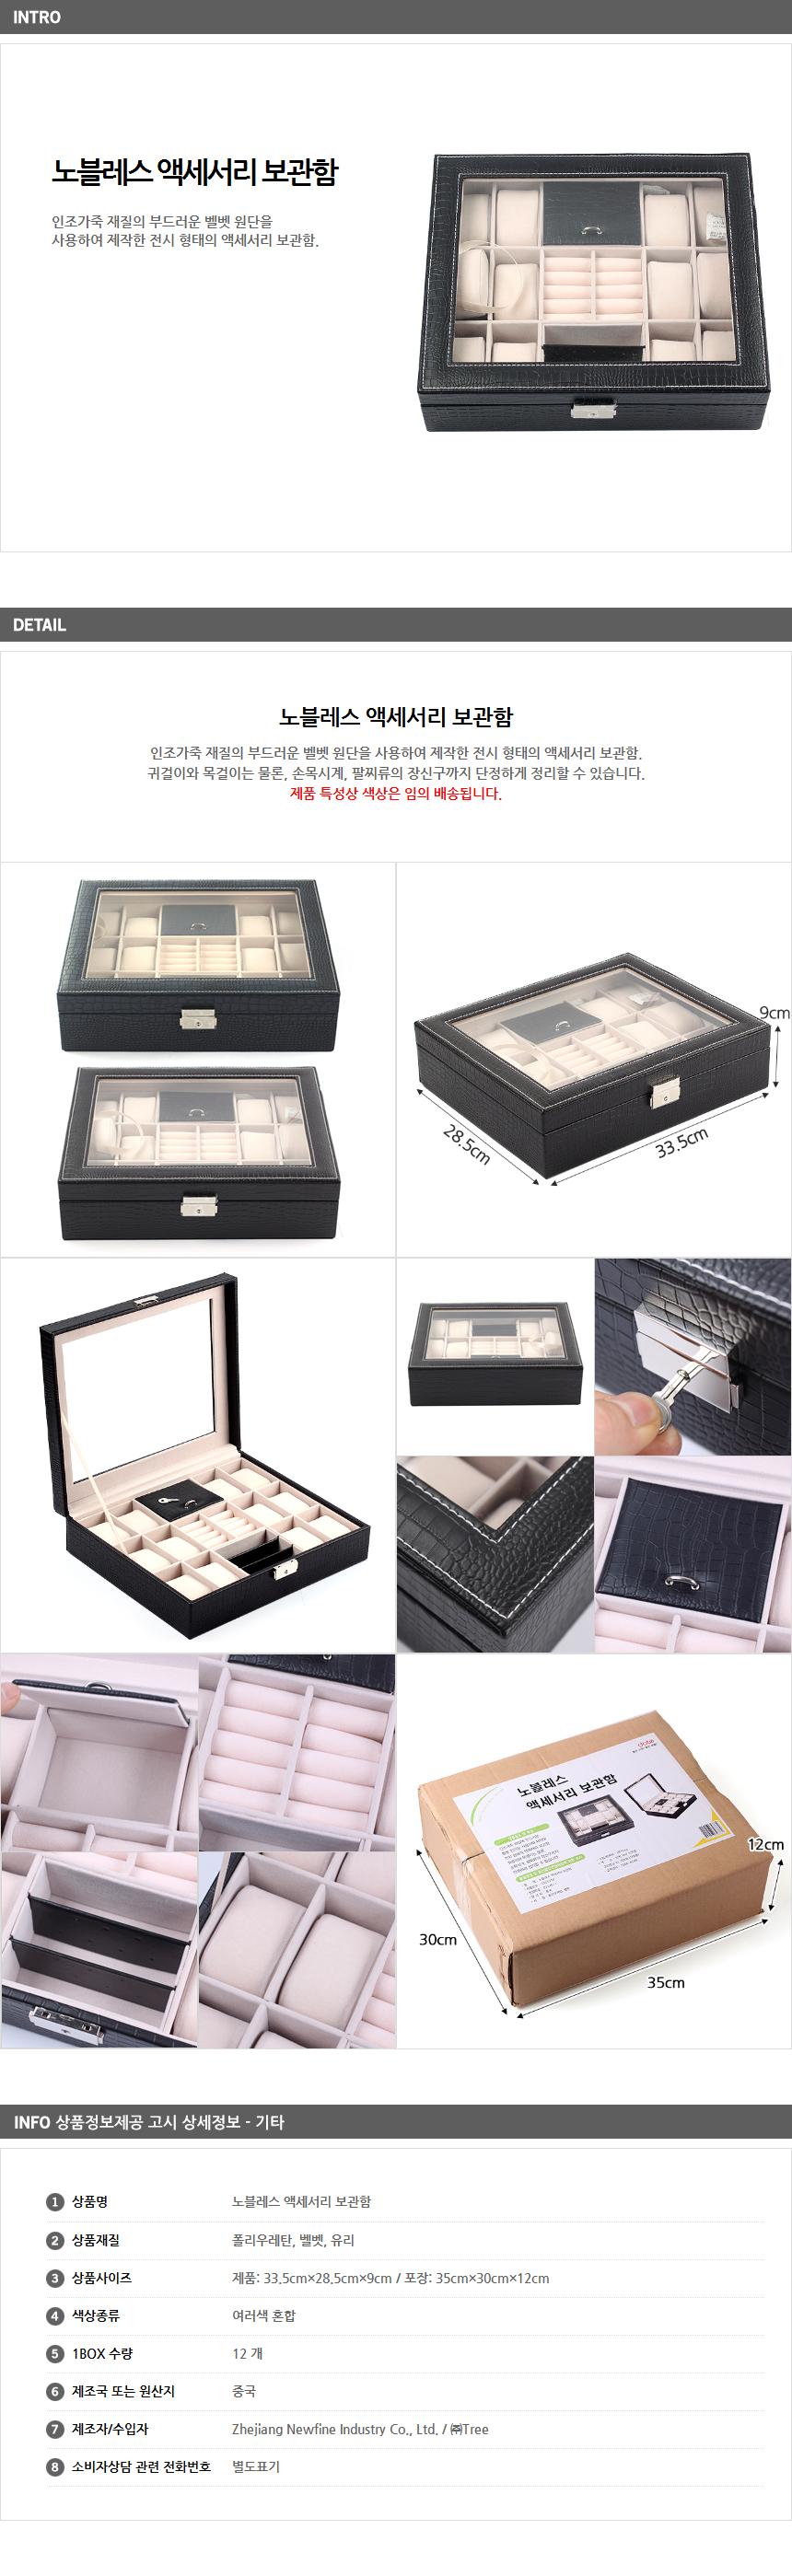 클래식 시계&쥬얼리 보관함 - 기프트갓, 50,970원, 시계ACC, 시계보관함